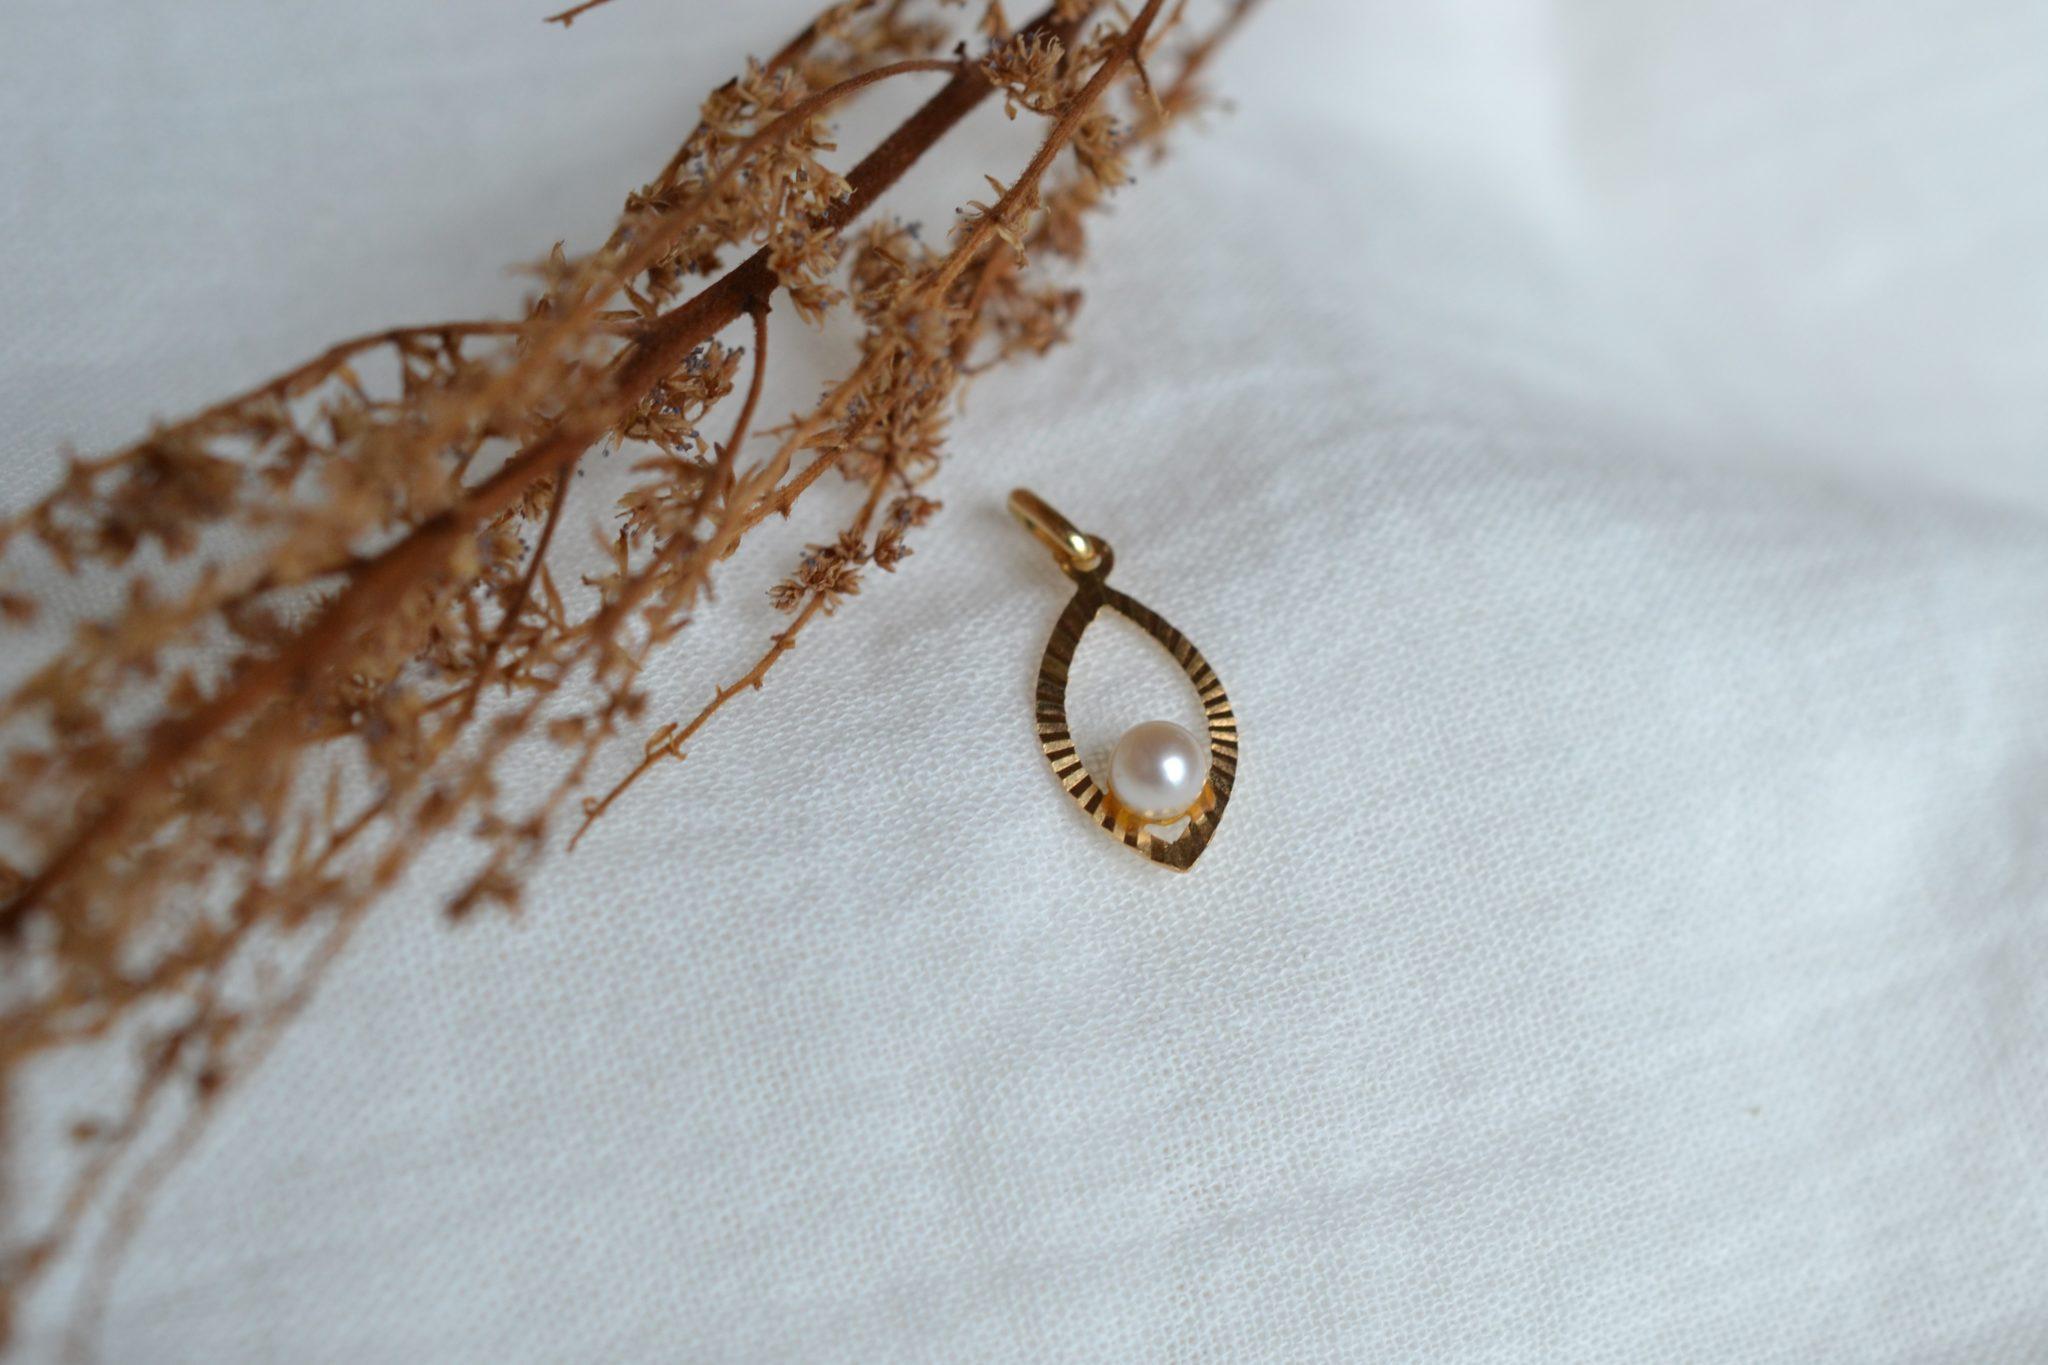 Pendentif ajouré en Or jaune en forme de goutte, serti d_une perle - Bijou ancien